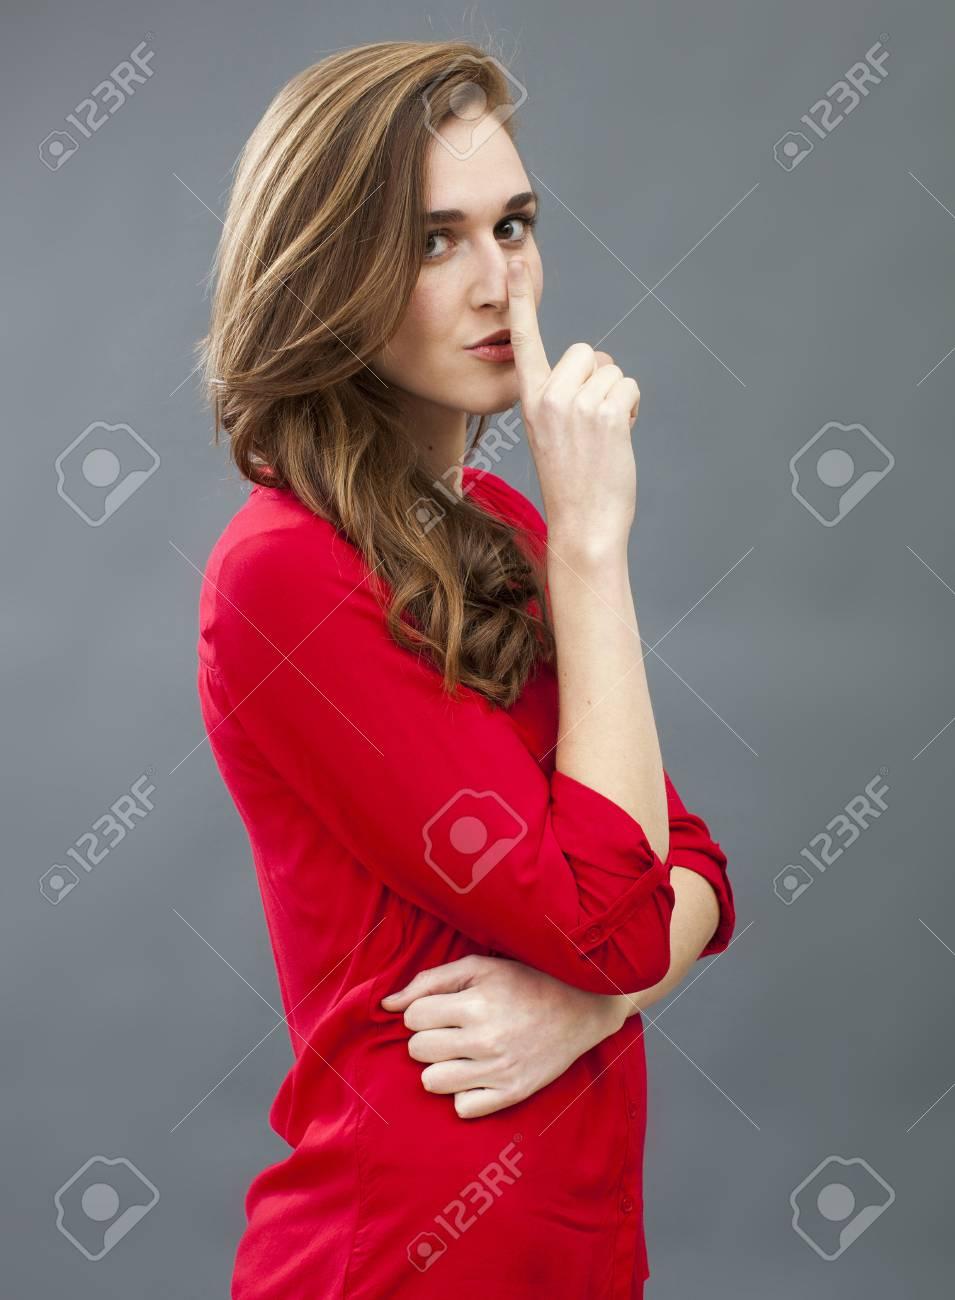 half off b2ca7 2a1c2 Concetto di segreto e tabù - 20s misteriose donna che indossa camicia rossa  che chiede il silenzio con un dito sulla bocca, girato in studio